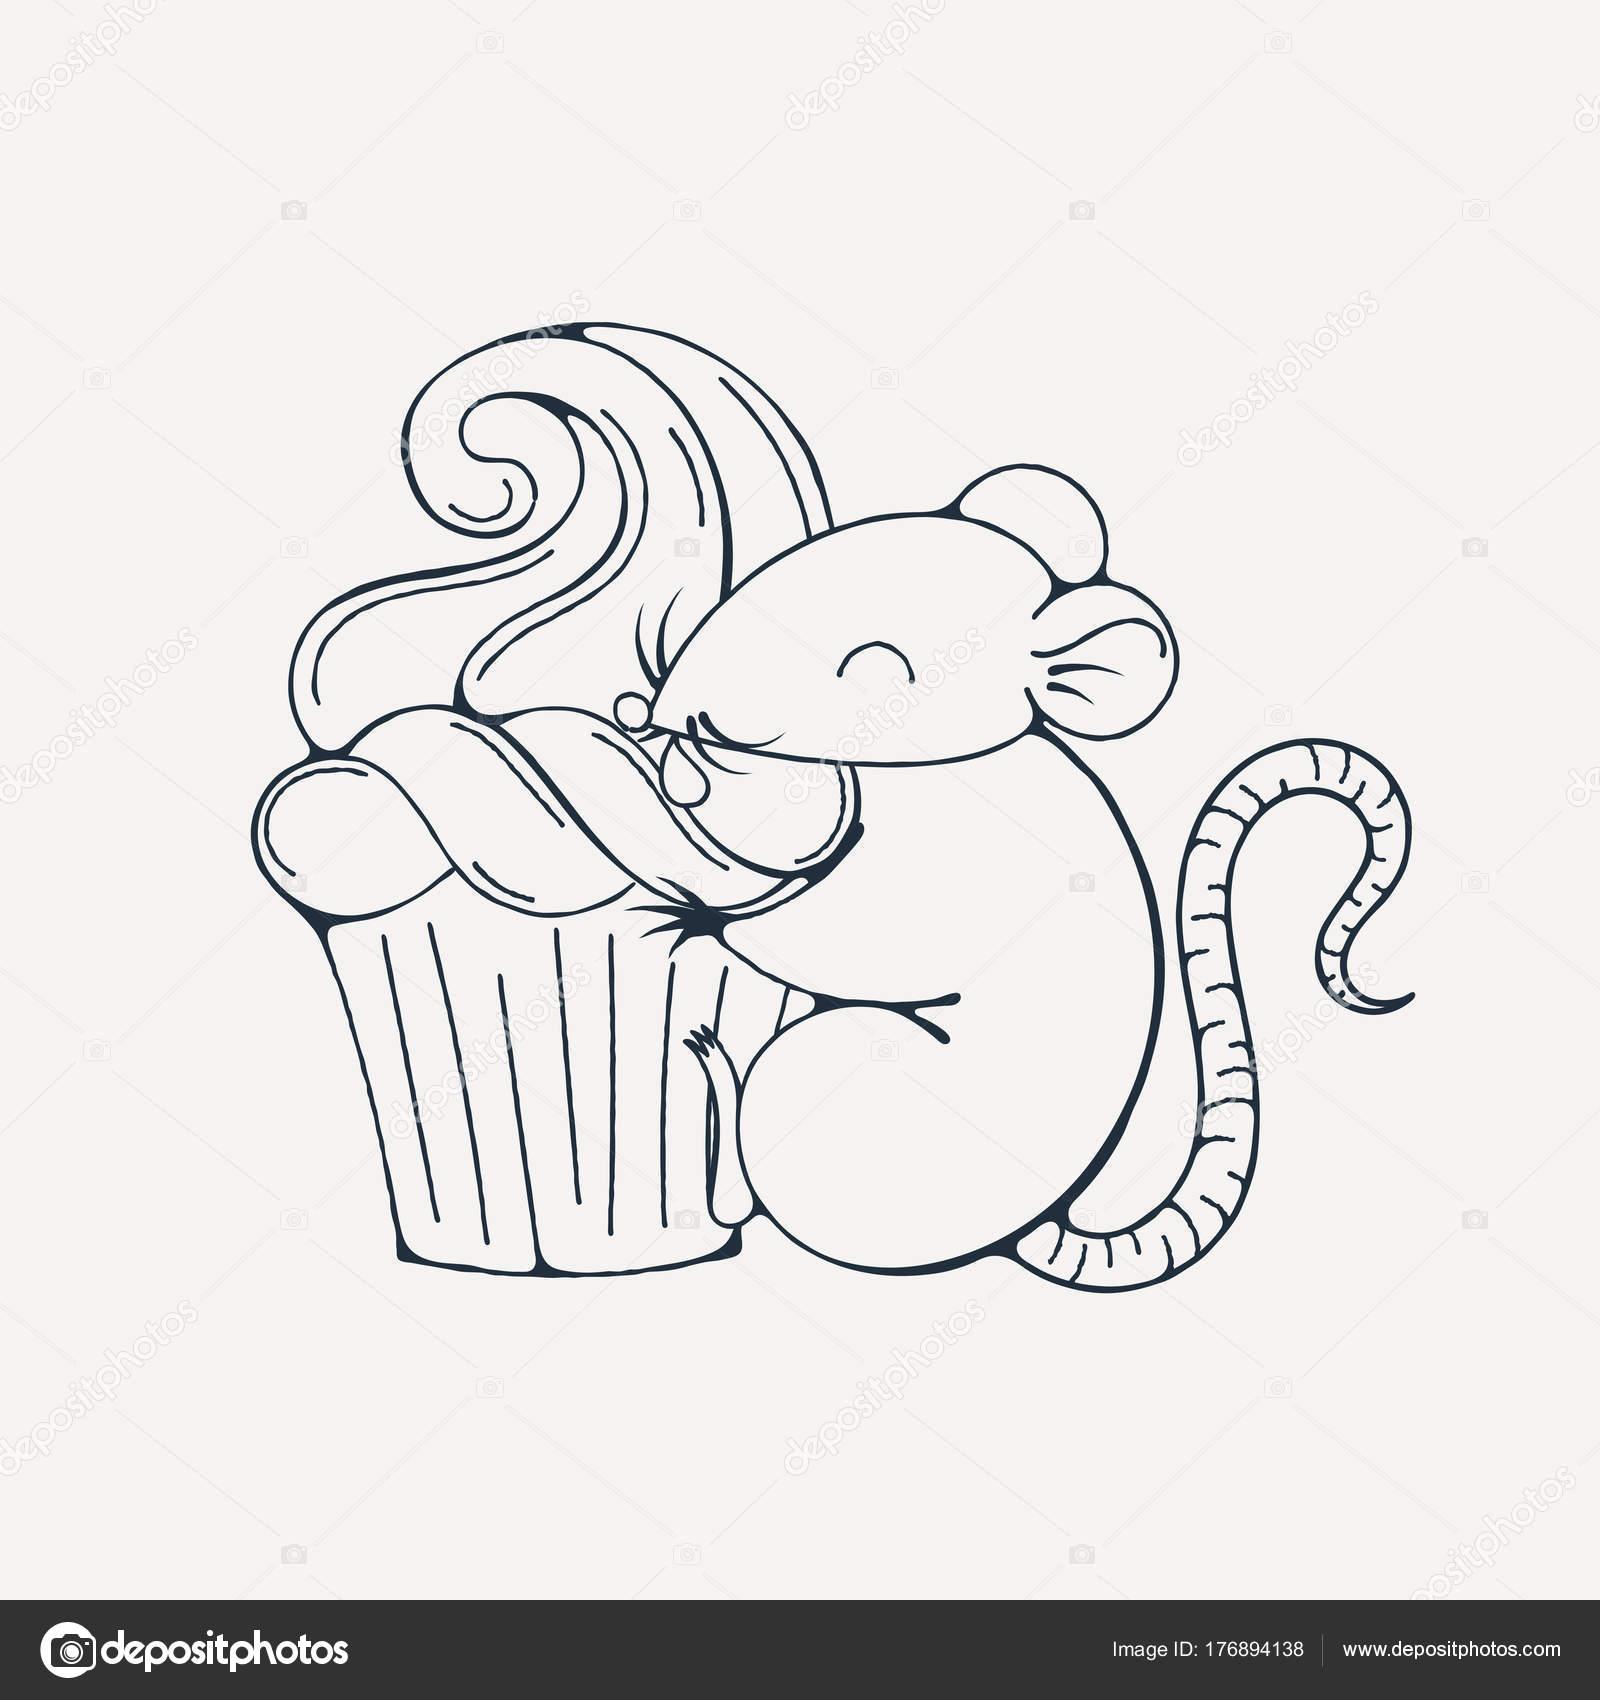 Abbildung mit niedlichen Ratte mit Cupcakes. Malvorlagen ...